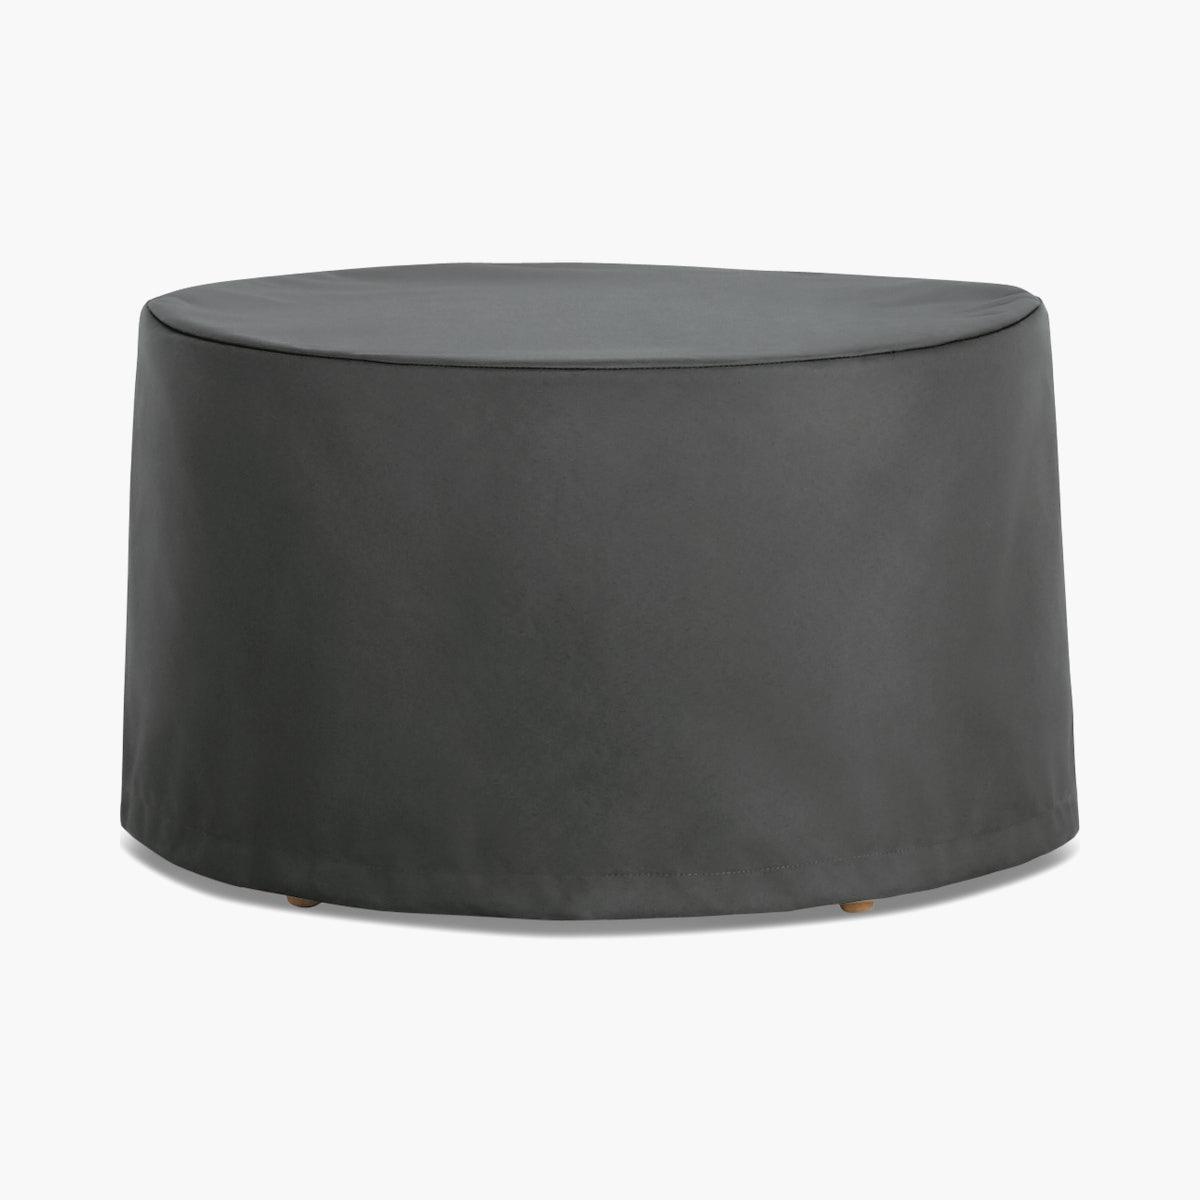 Finn Side Table Cover